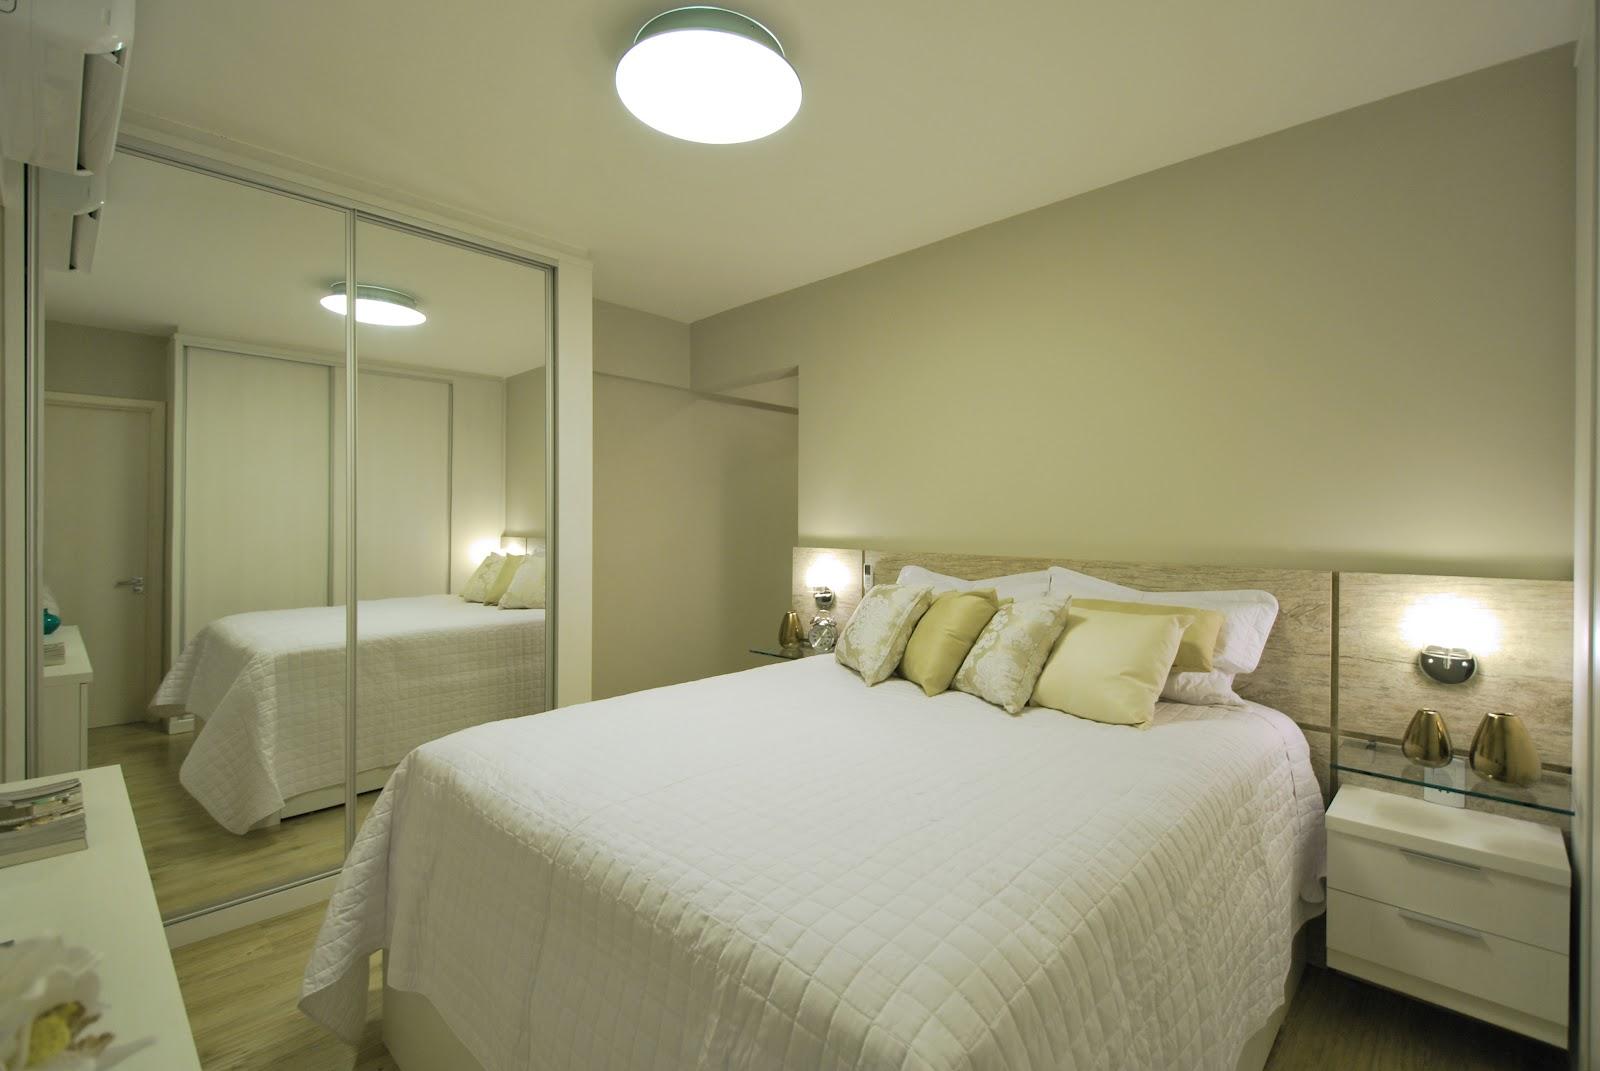 Reforma e design de interiores duo arquitetura design - Reforma de interiores ...